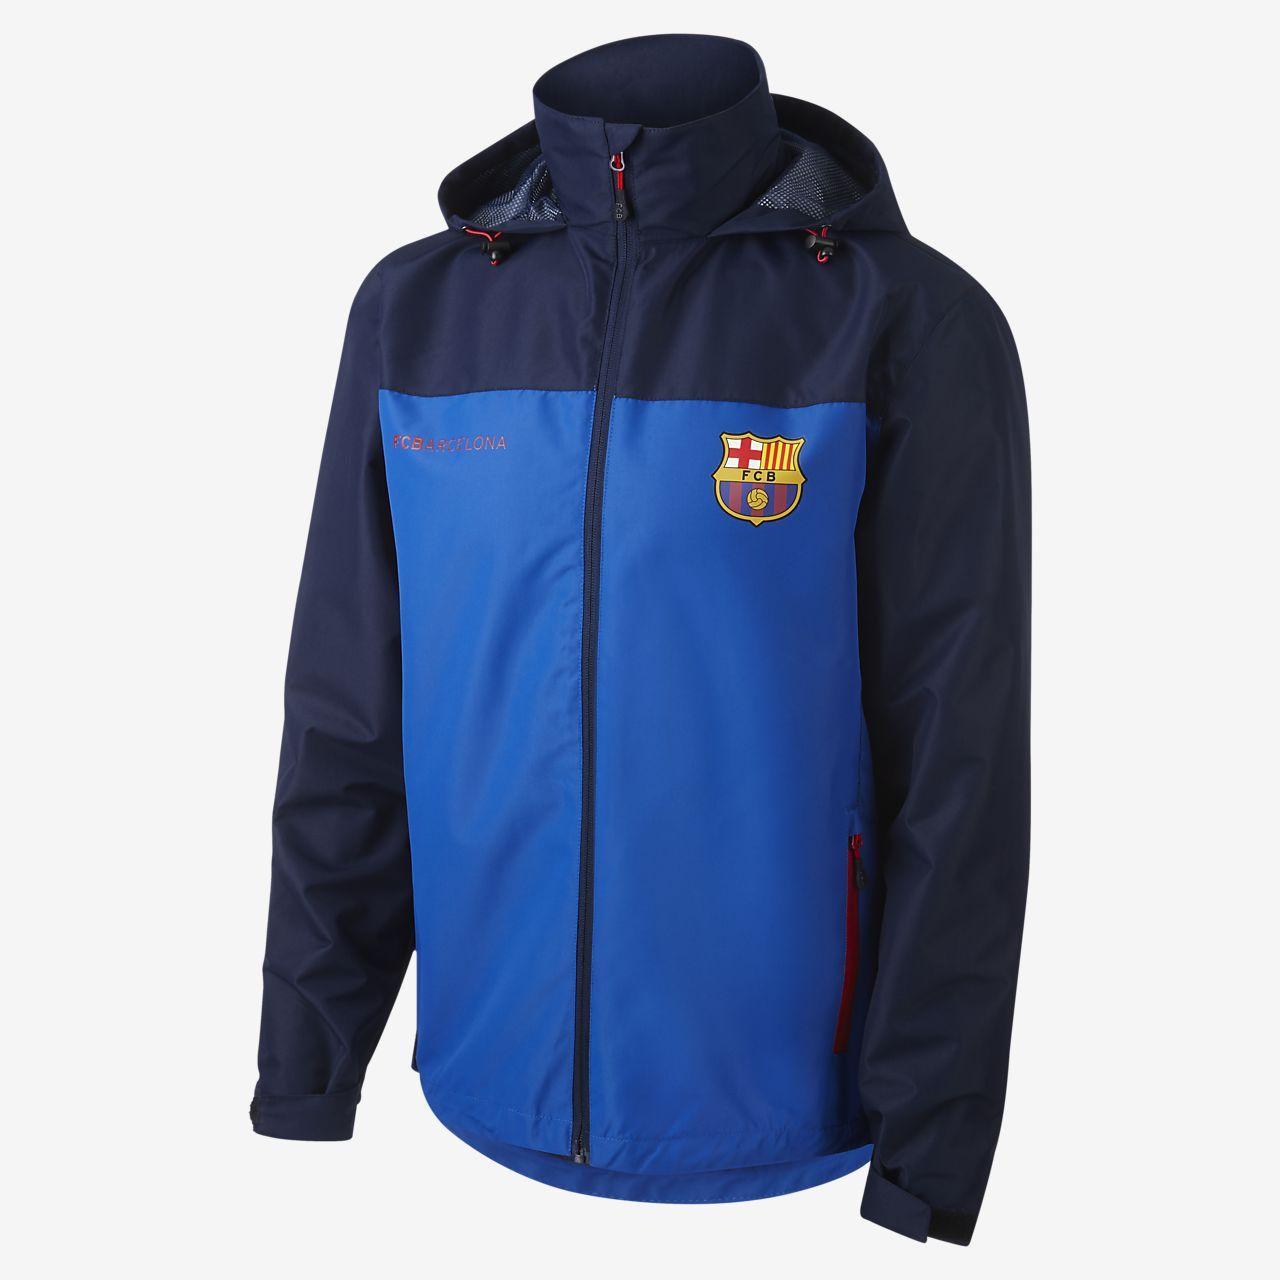 86a703e388faa Aktivní pánská bunda FC Barcelona. Nike.com CZ